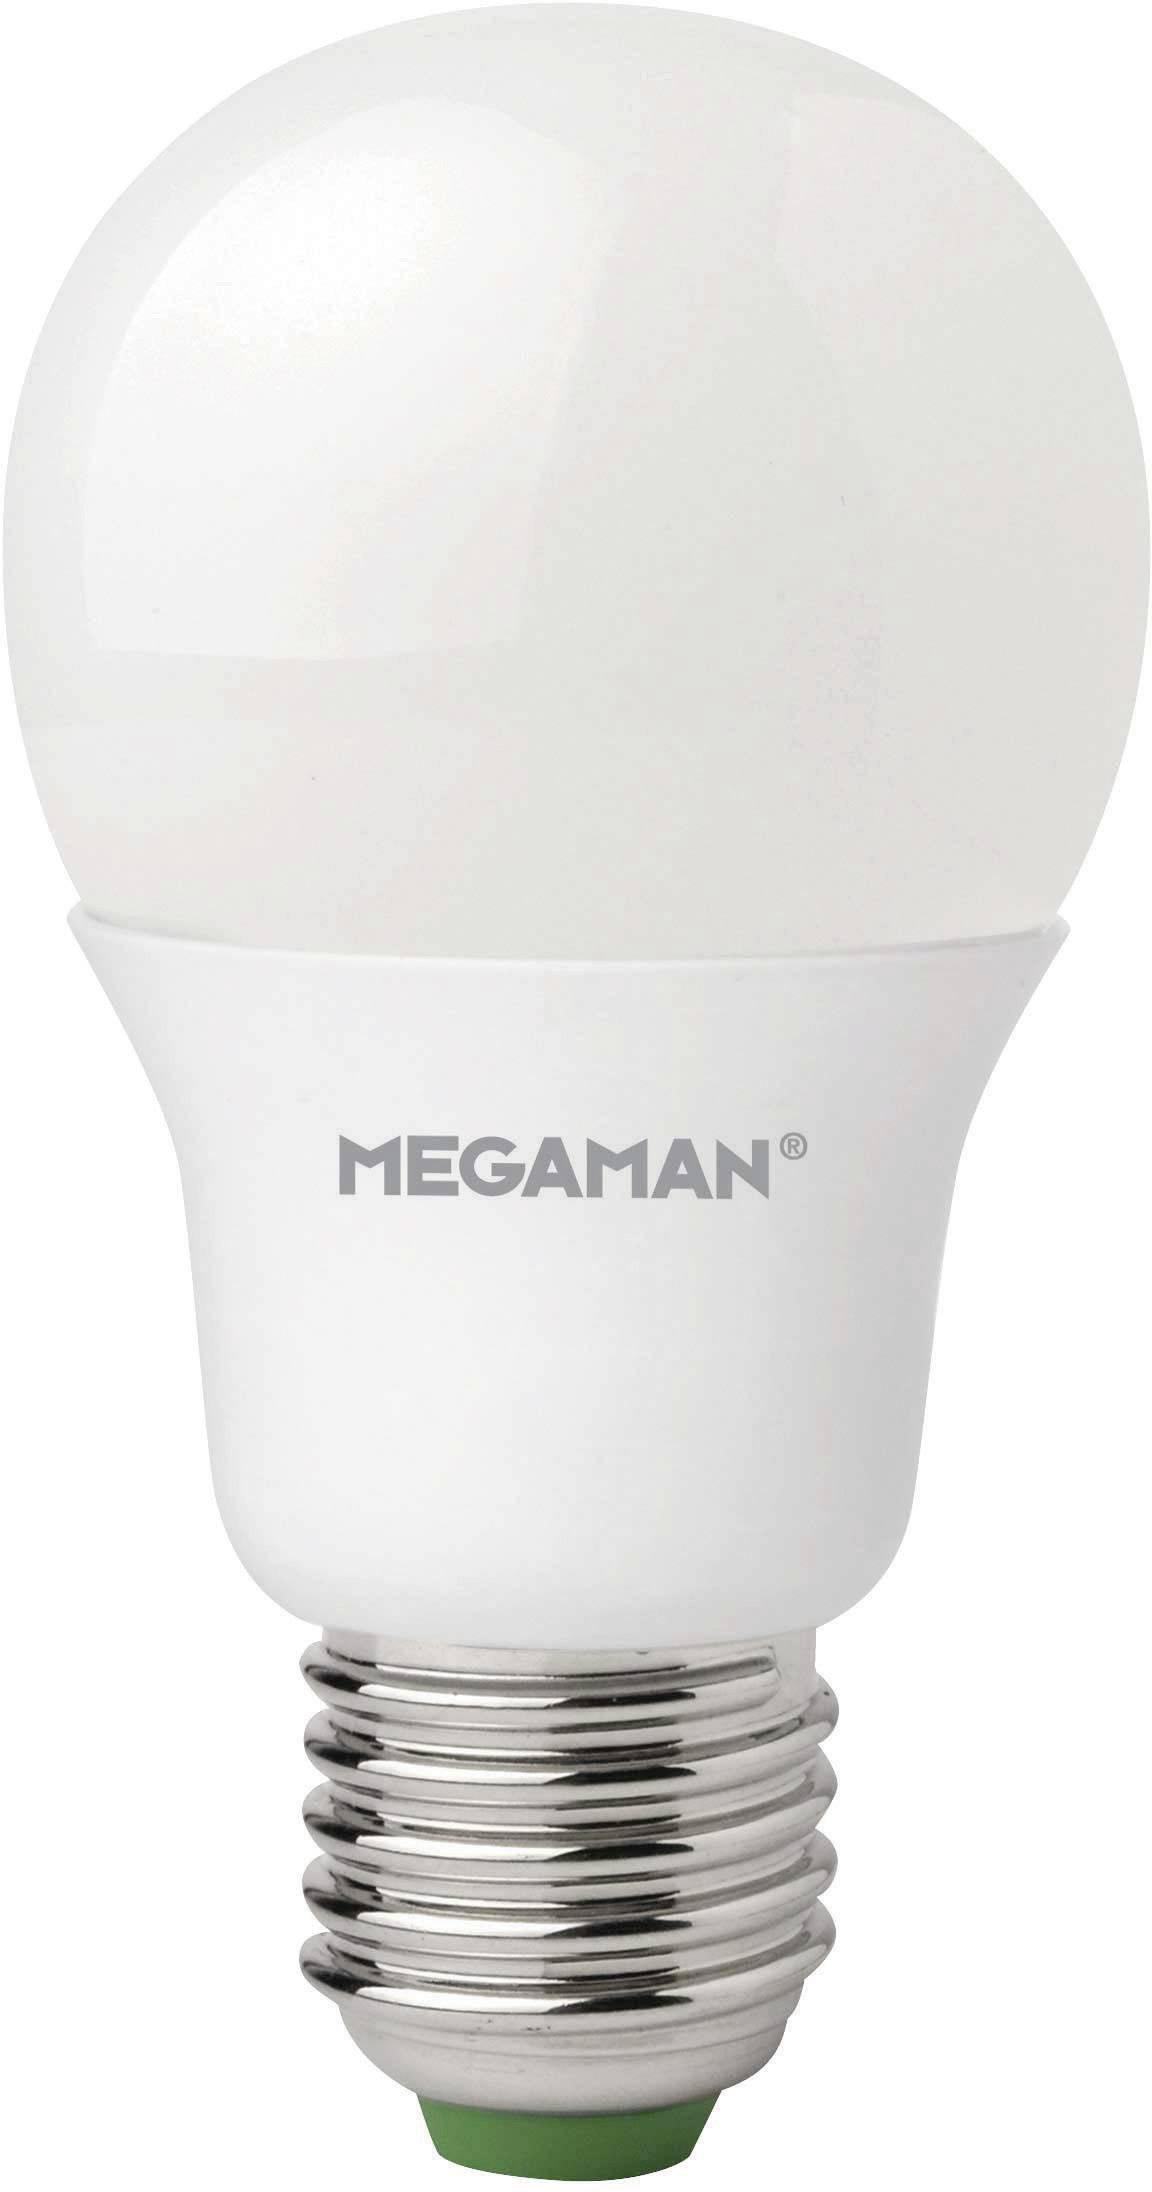 LED žiarovka Megaman® E27, 5.5 W, teplá biela